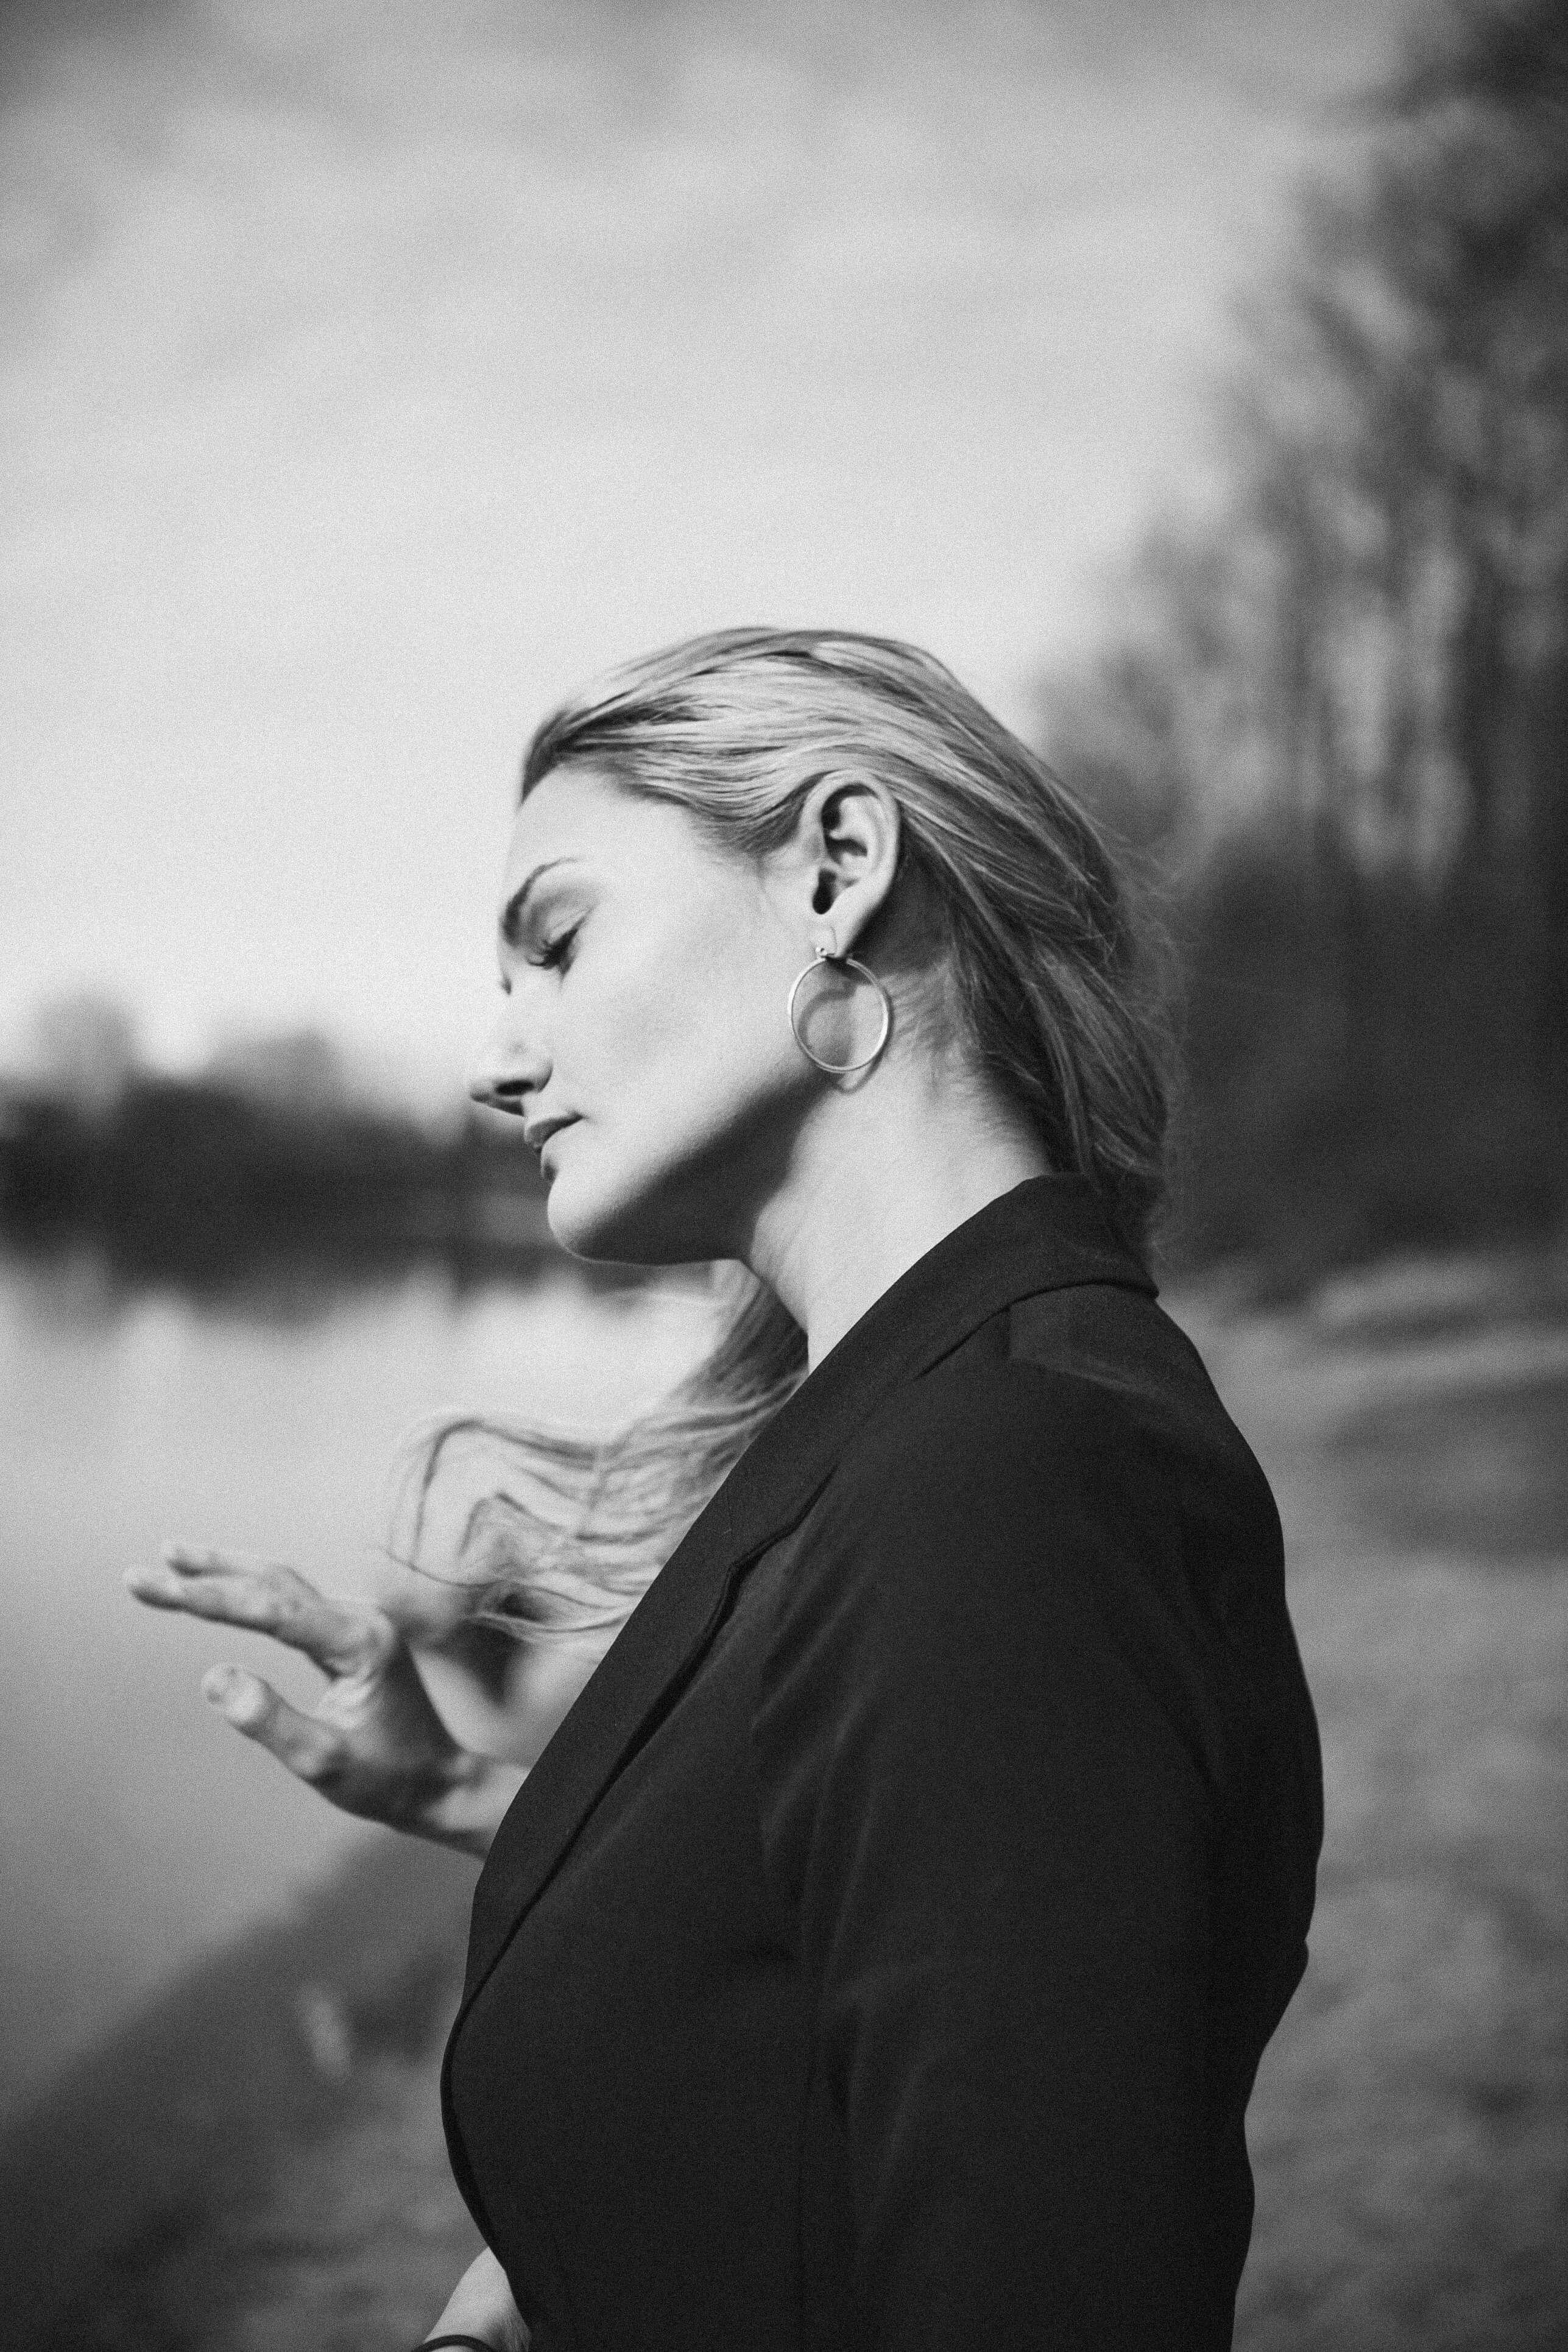 横向きの女性の白黒写真